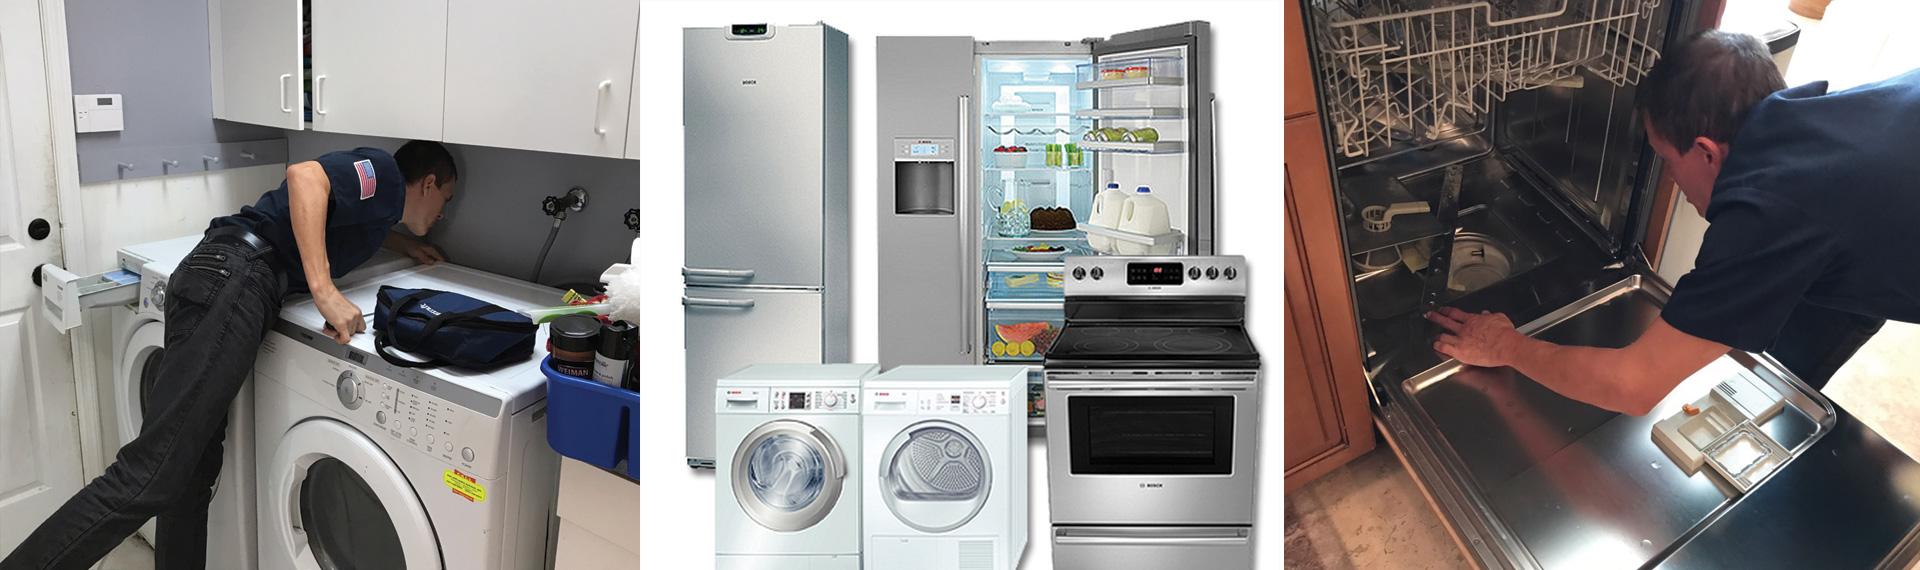 1A Appliance Service Tamarac FL